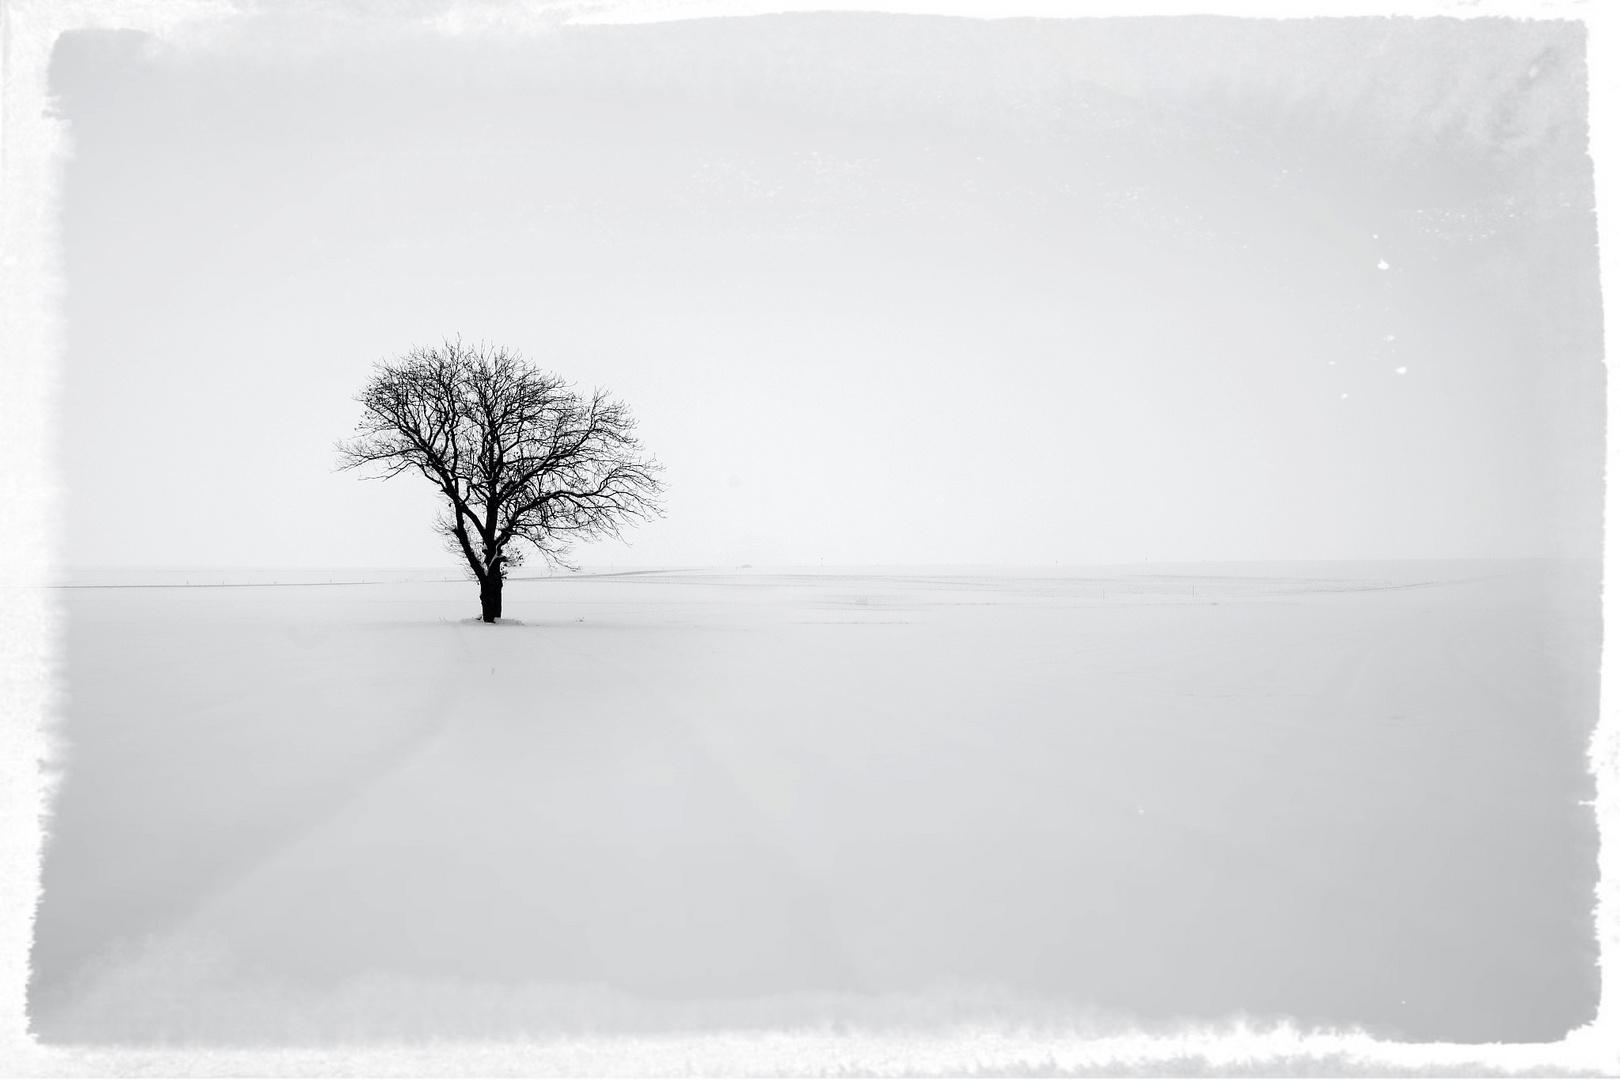 Ein Baum im Schnee